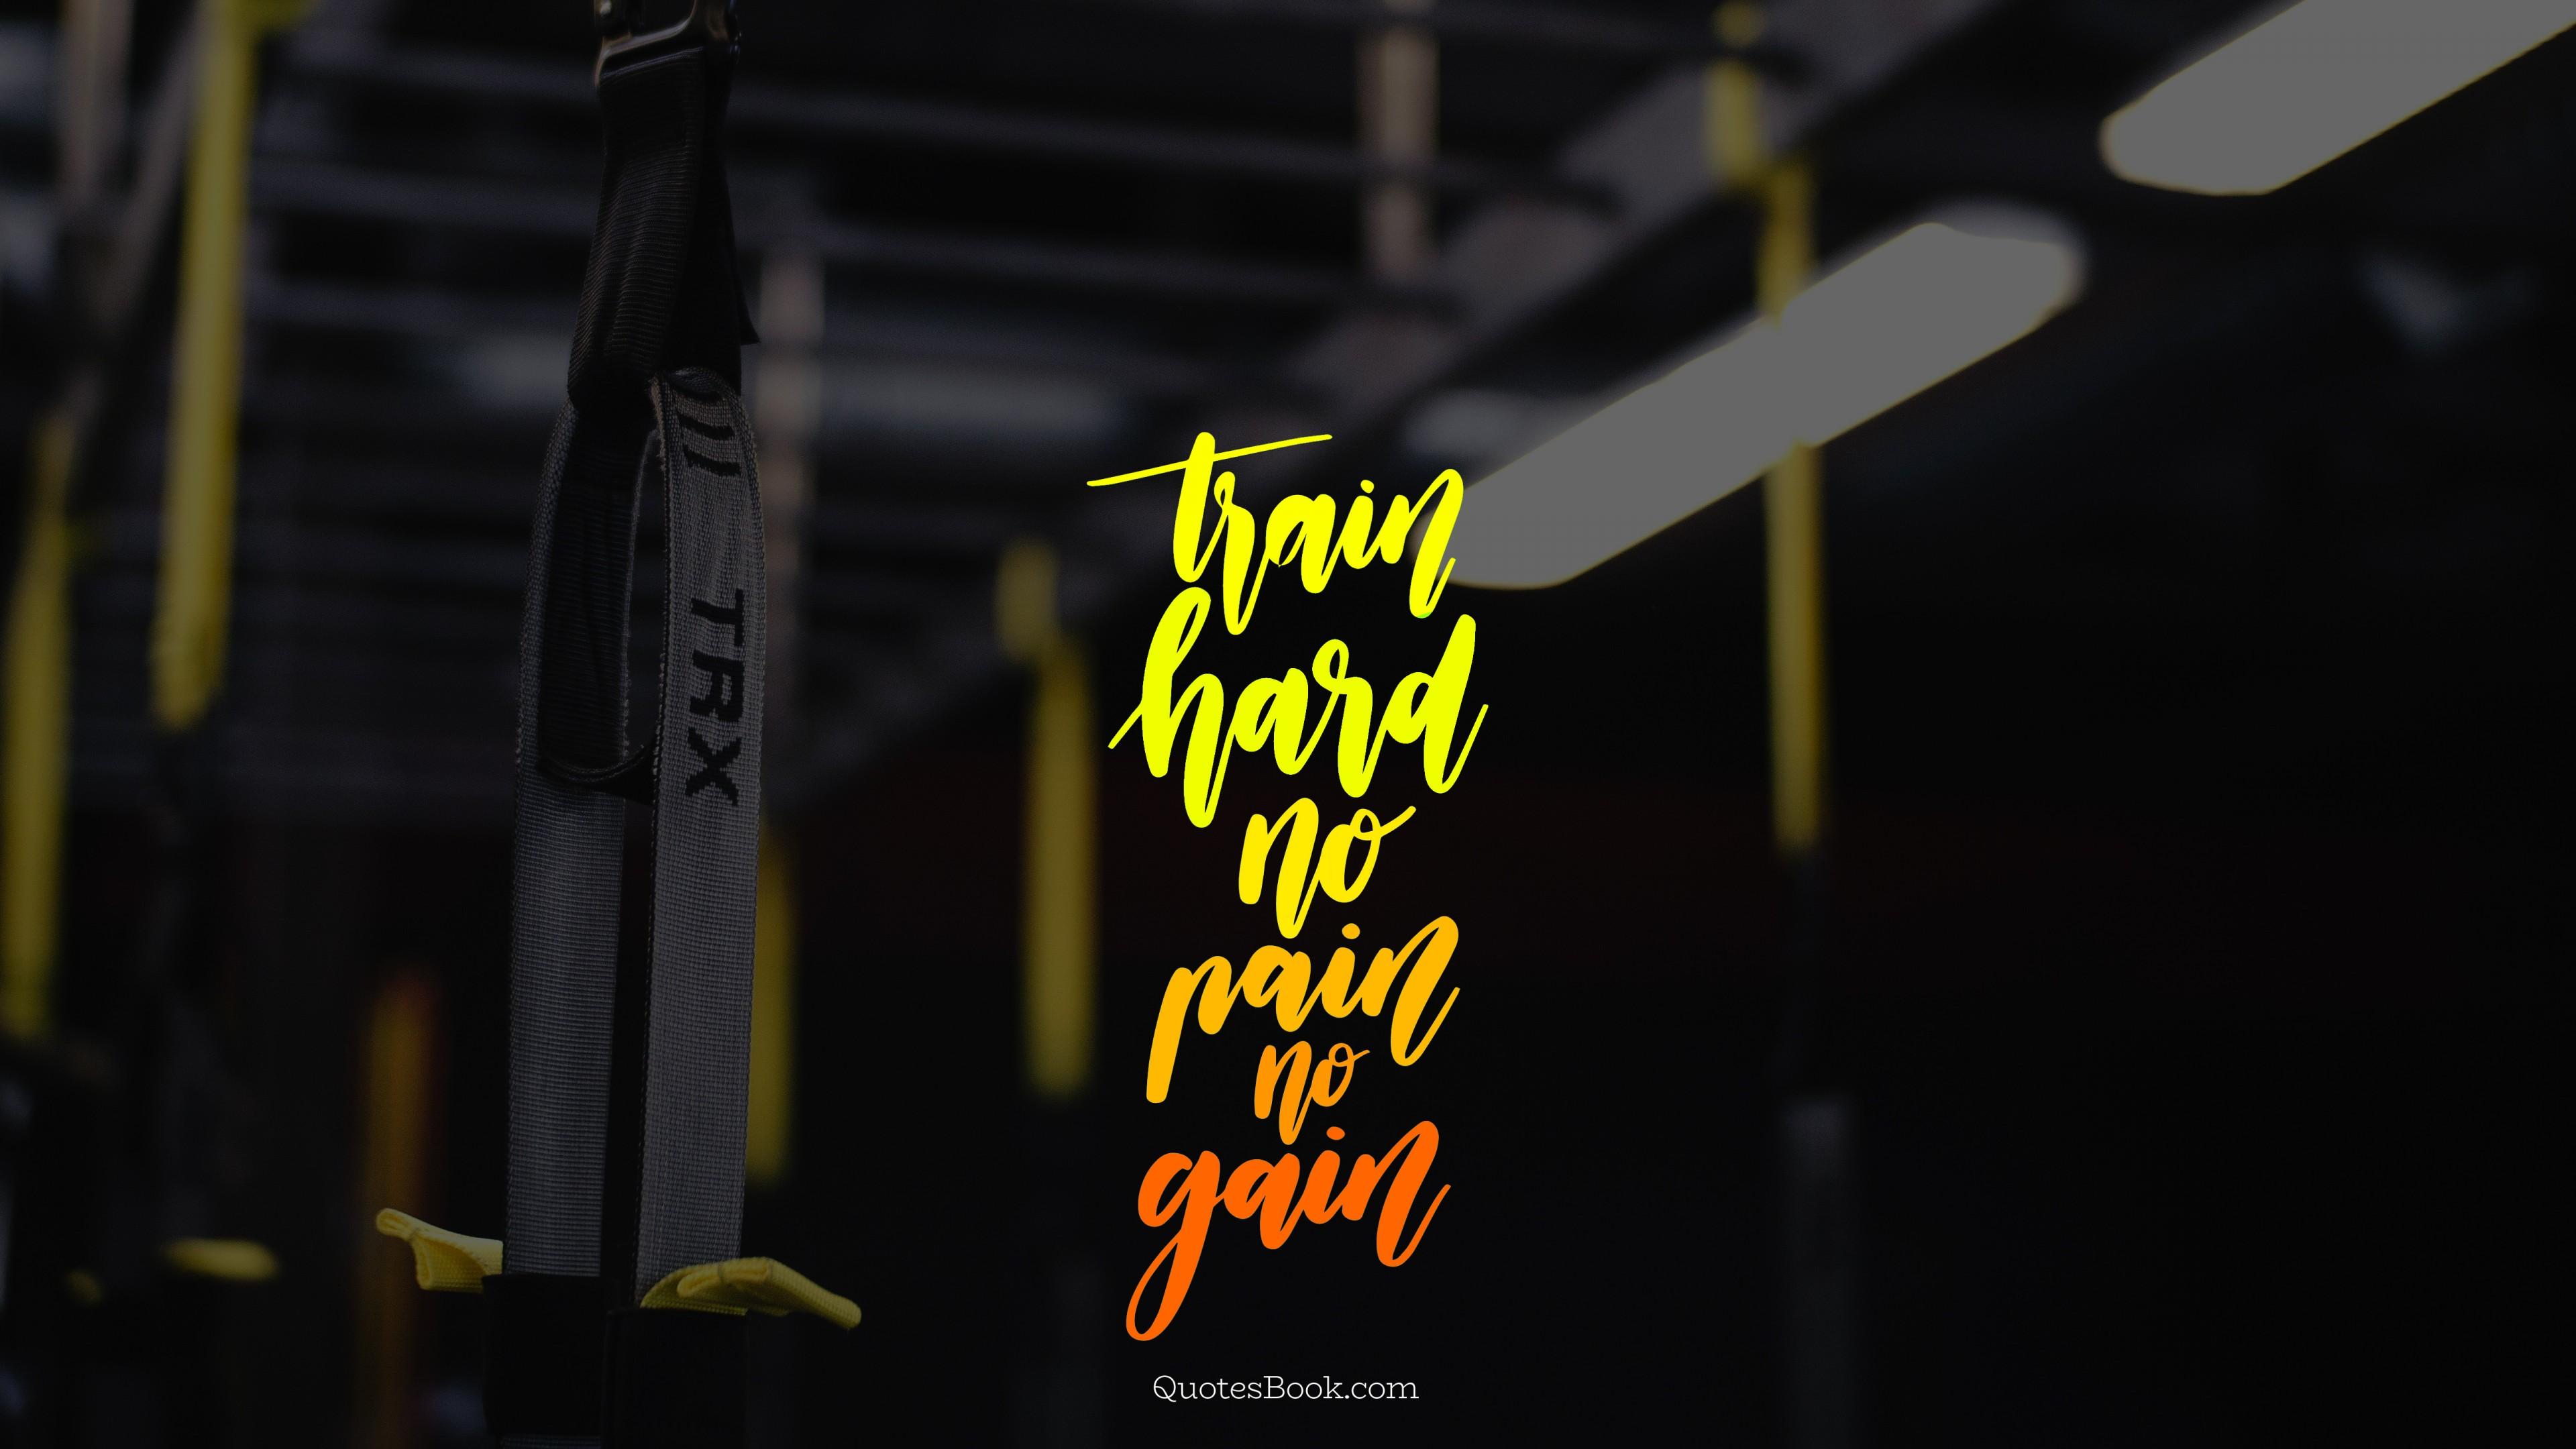 Train Hard No Pain No Gain Quotesbook